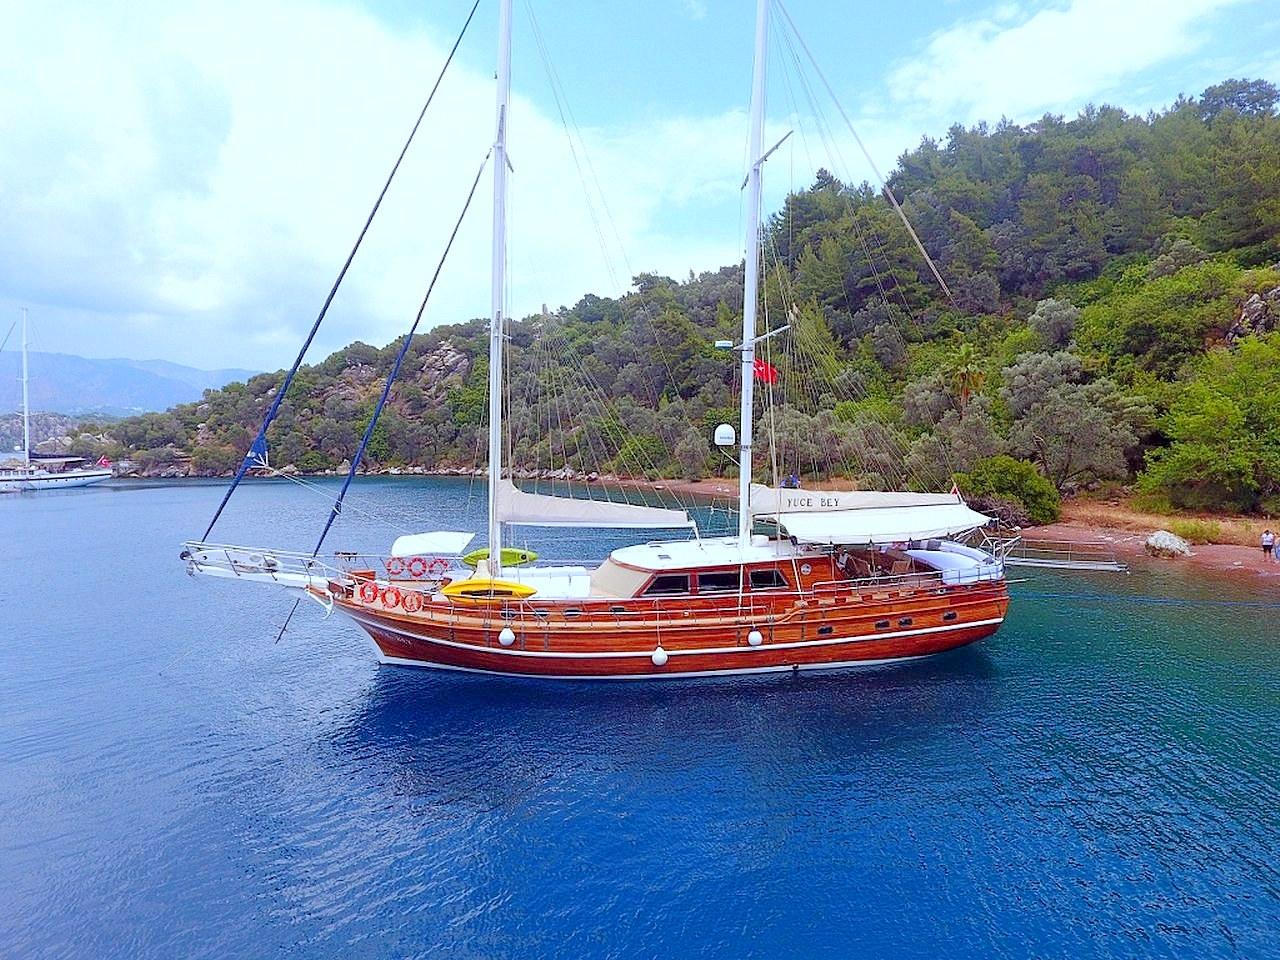 Yacht Yuce Bey